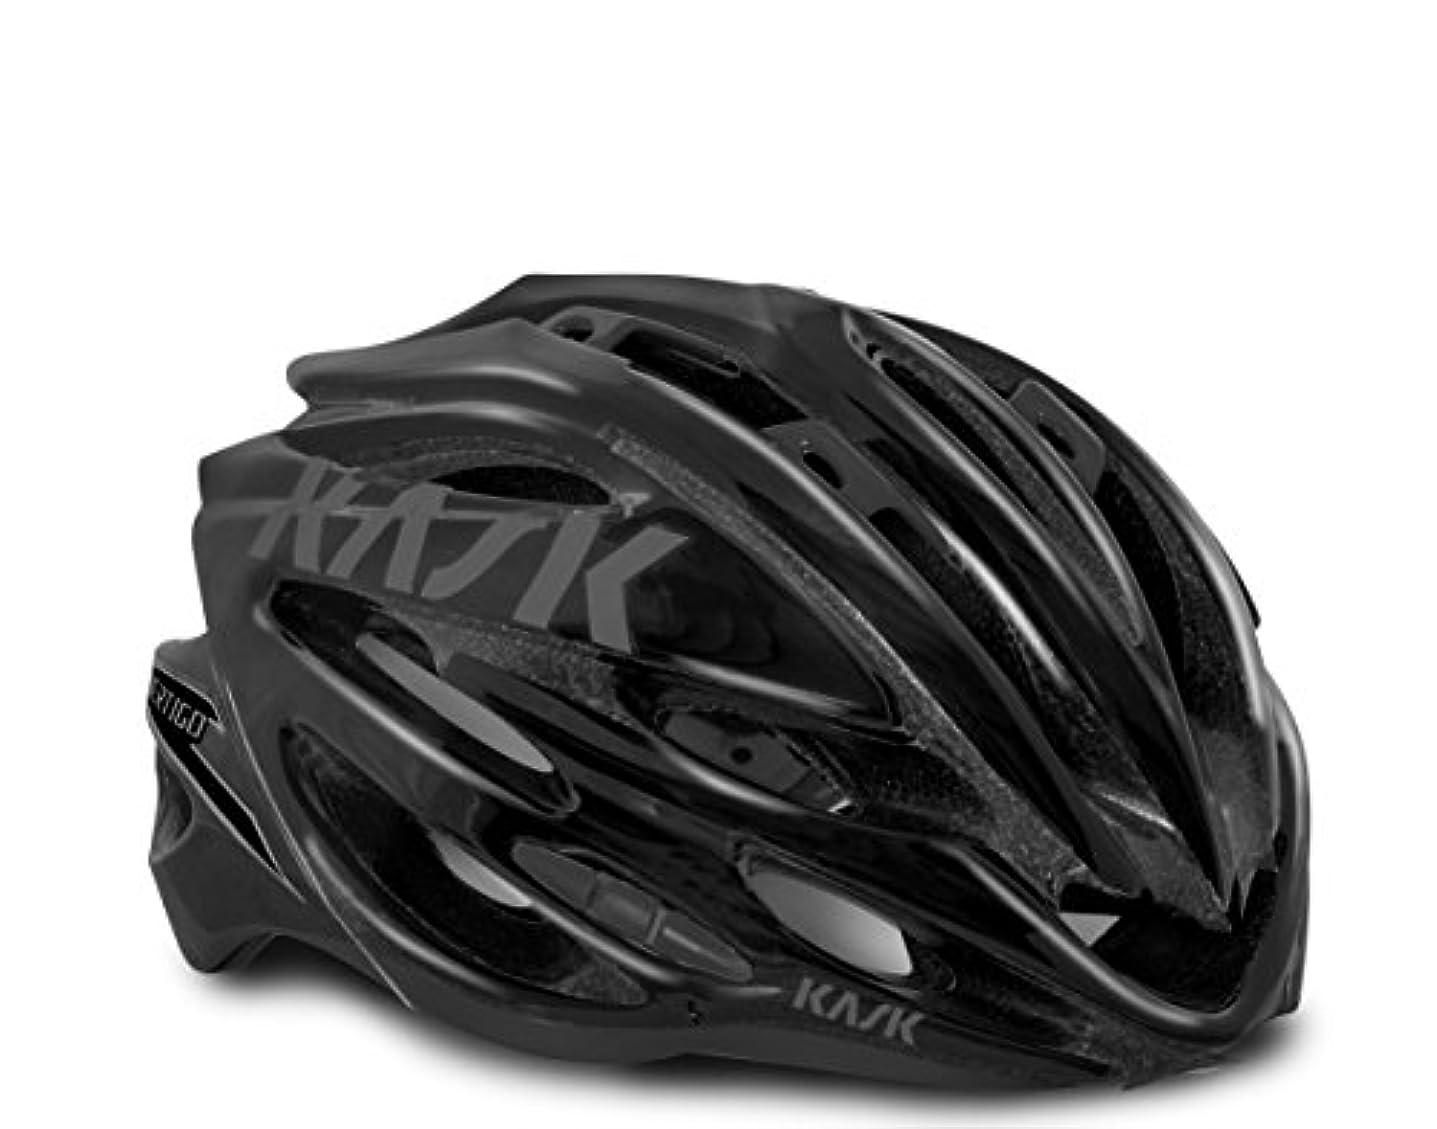 通常ブラザー軽量[カスク] ヘルメット VERTIGO ヴァーティゴ 2.0 BLK MATT ヴァーティゴ